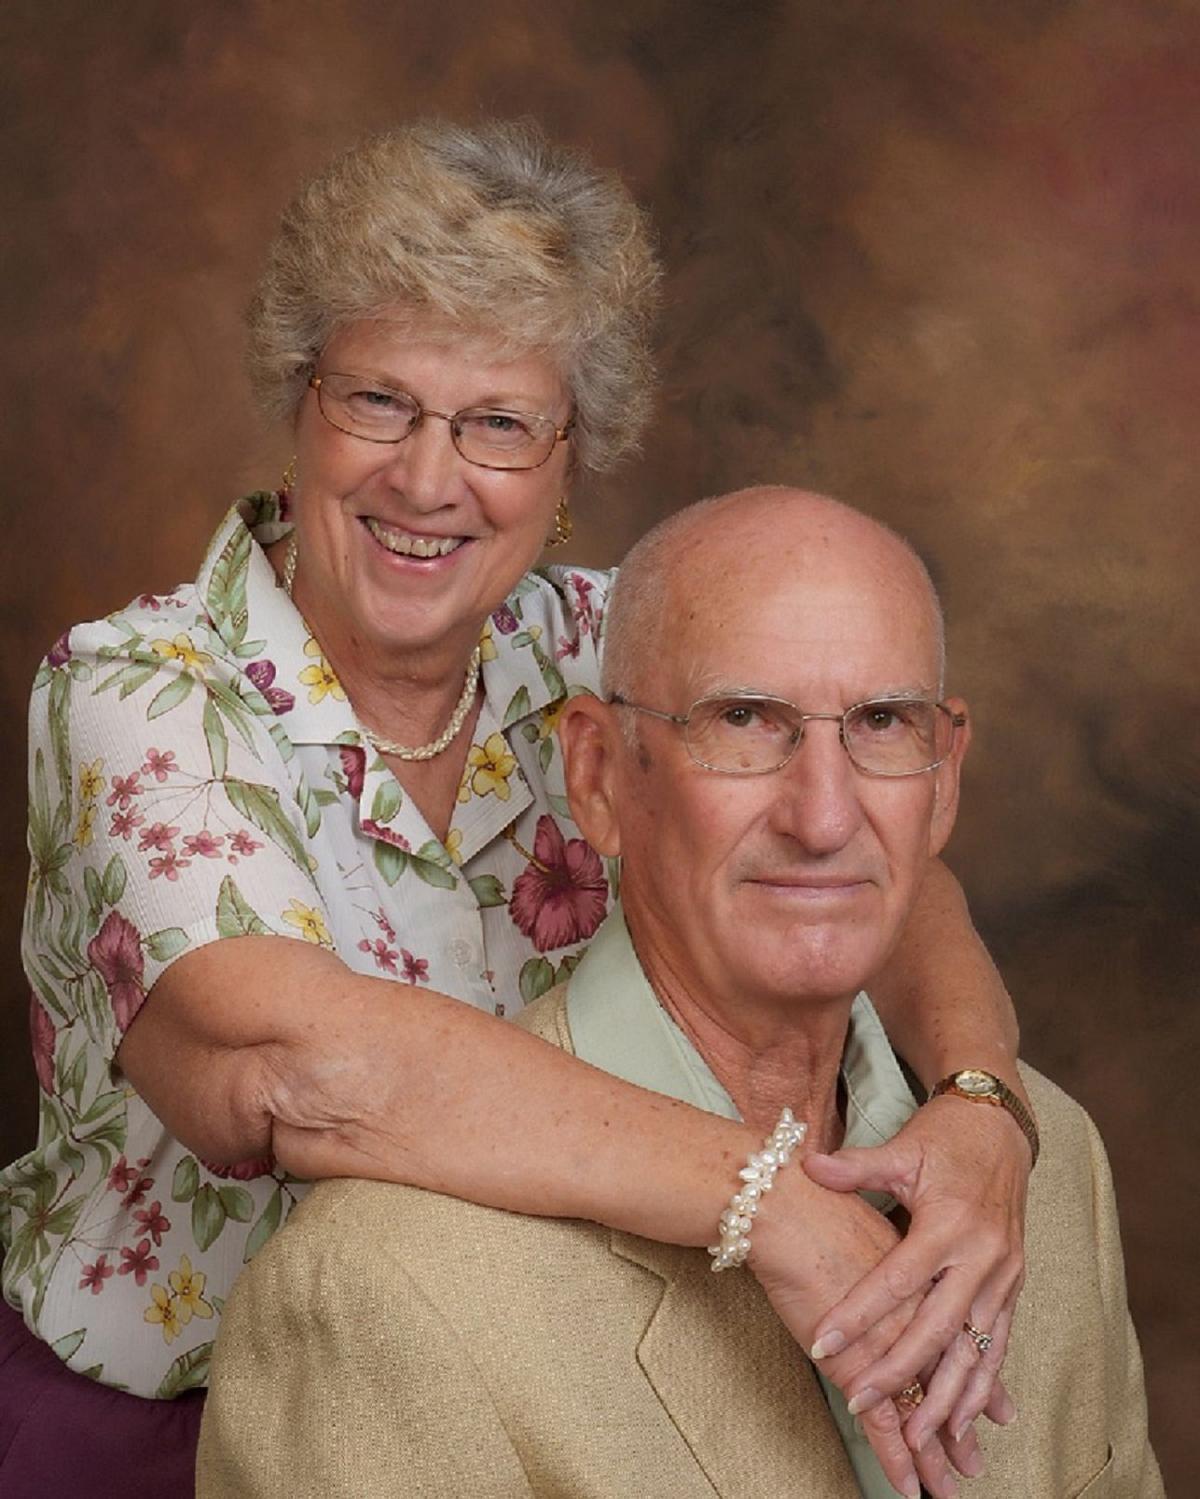 (P) Carl Lechlitner and Jane (Rufenacht) Lechlitner